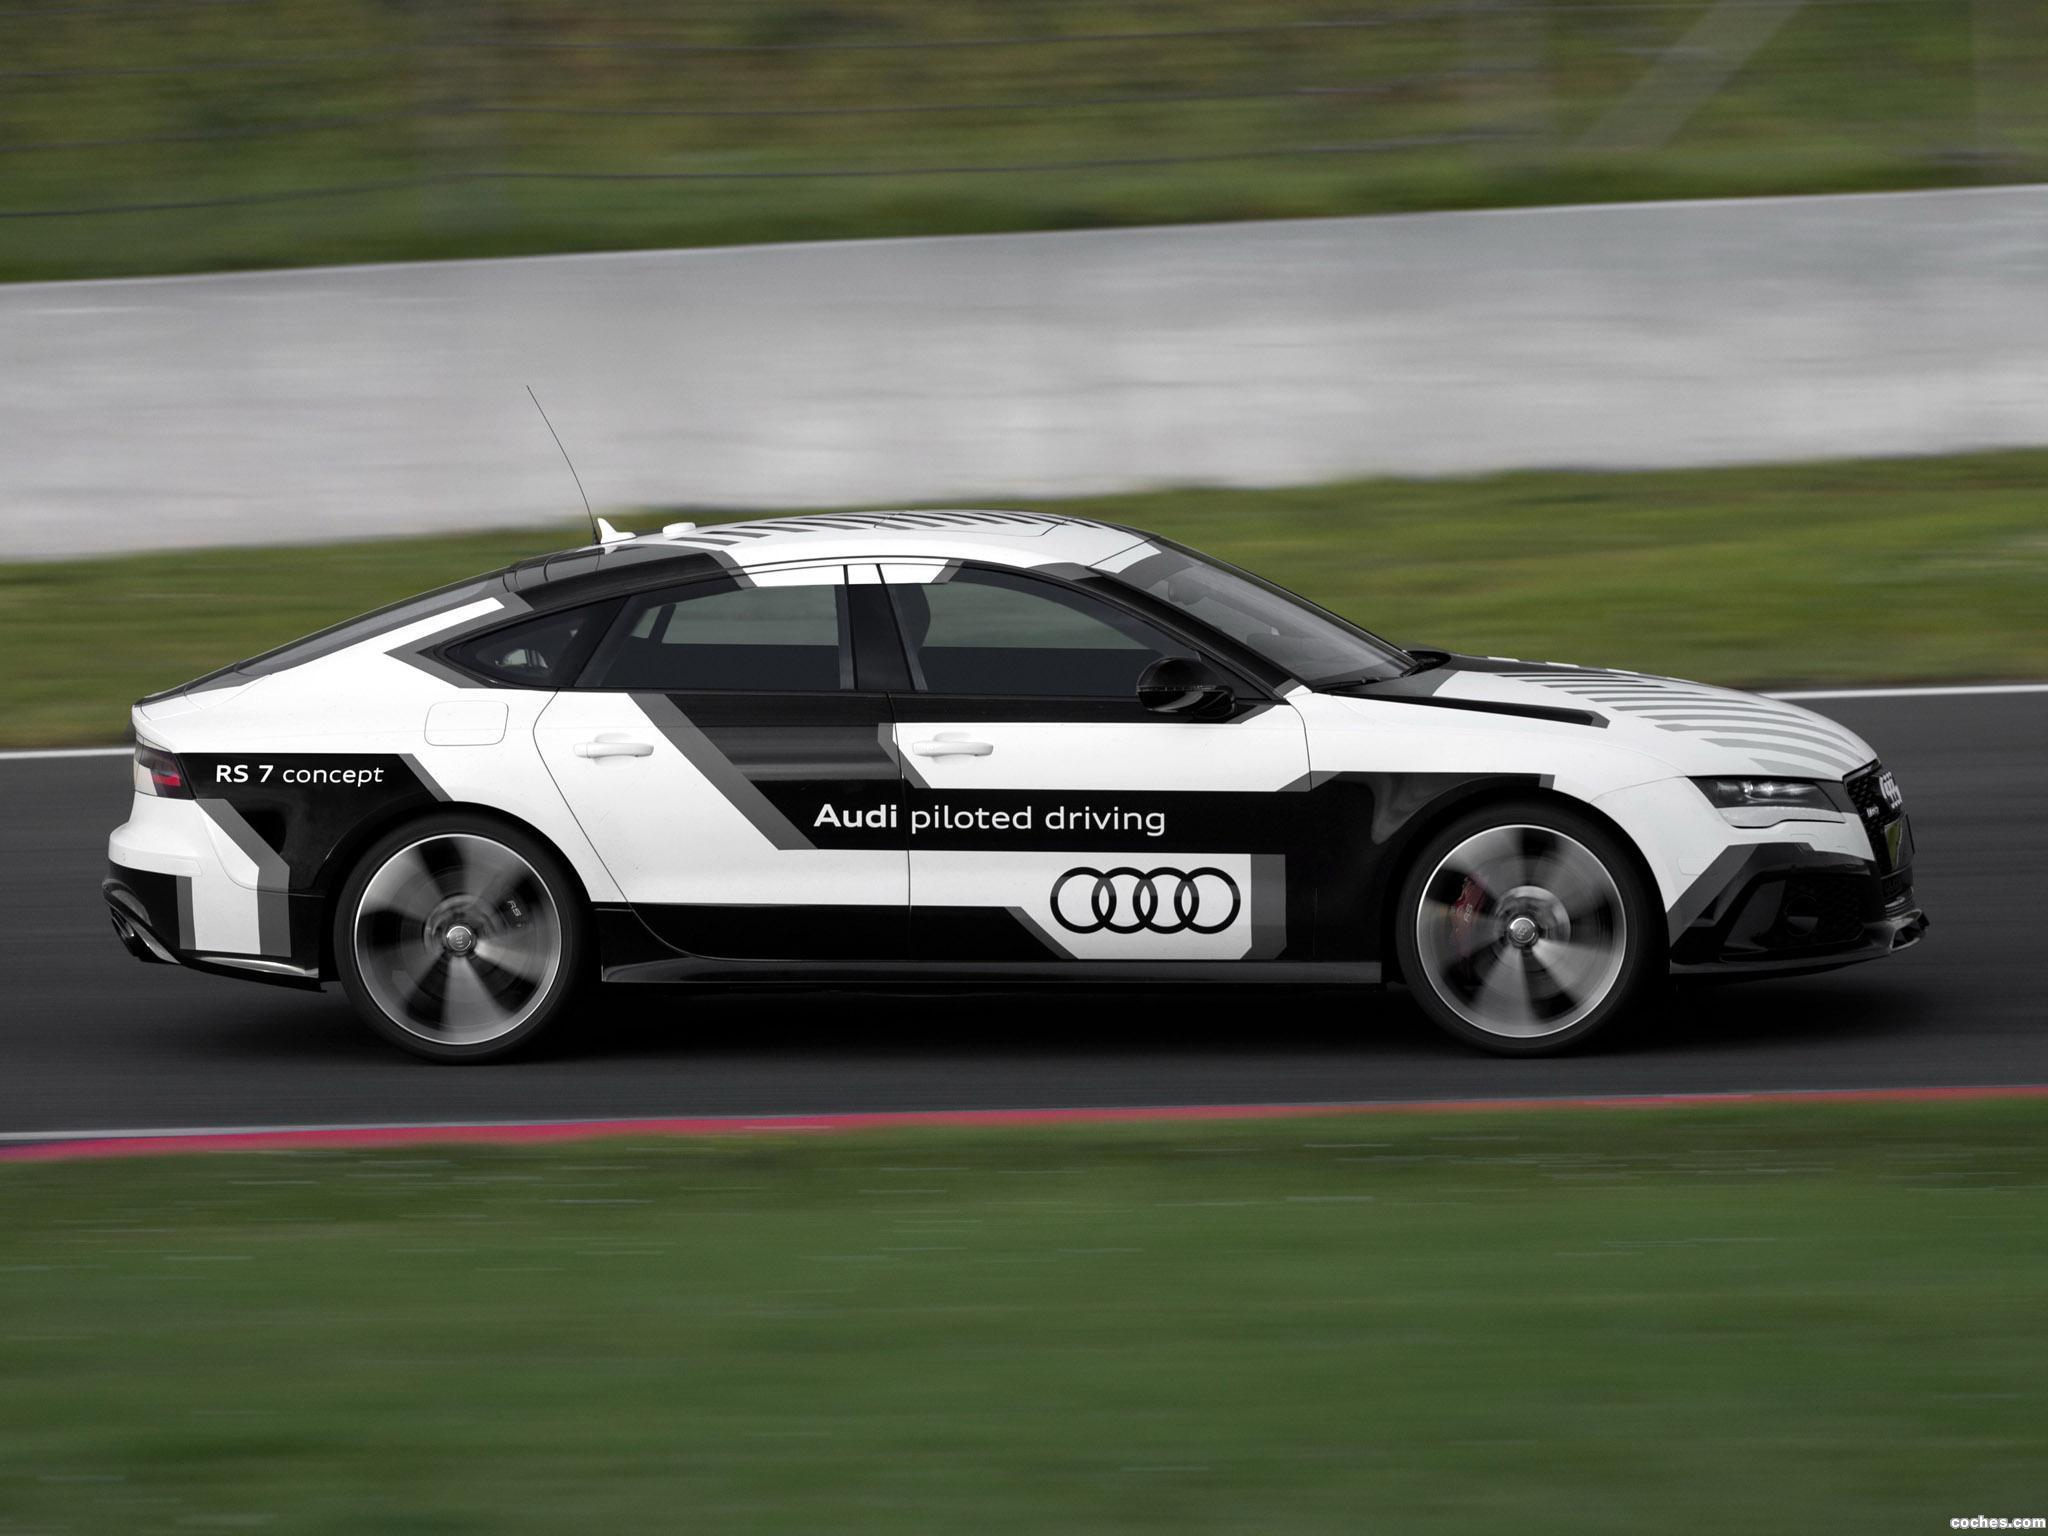 Foto 2 de Audi RS7 Piloted Driving Concept 2014